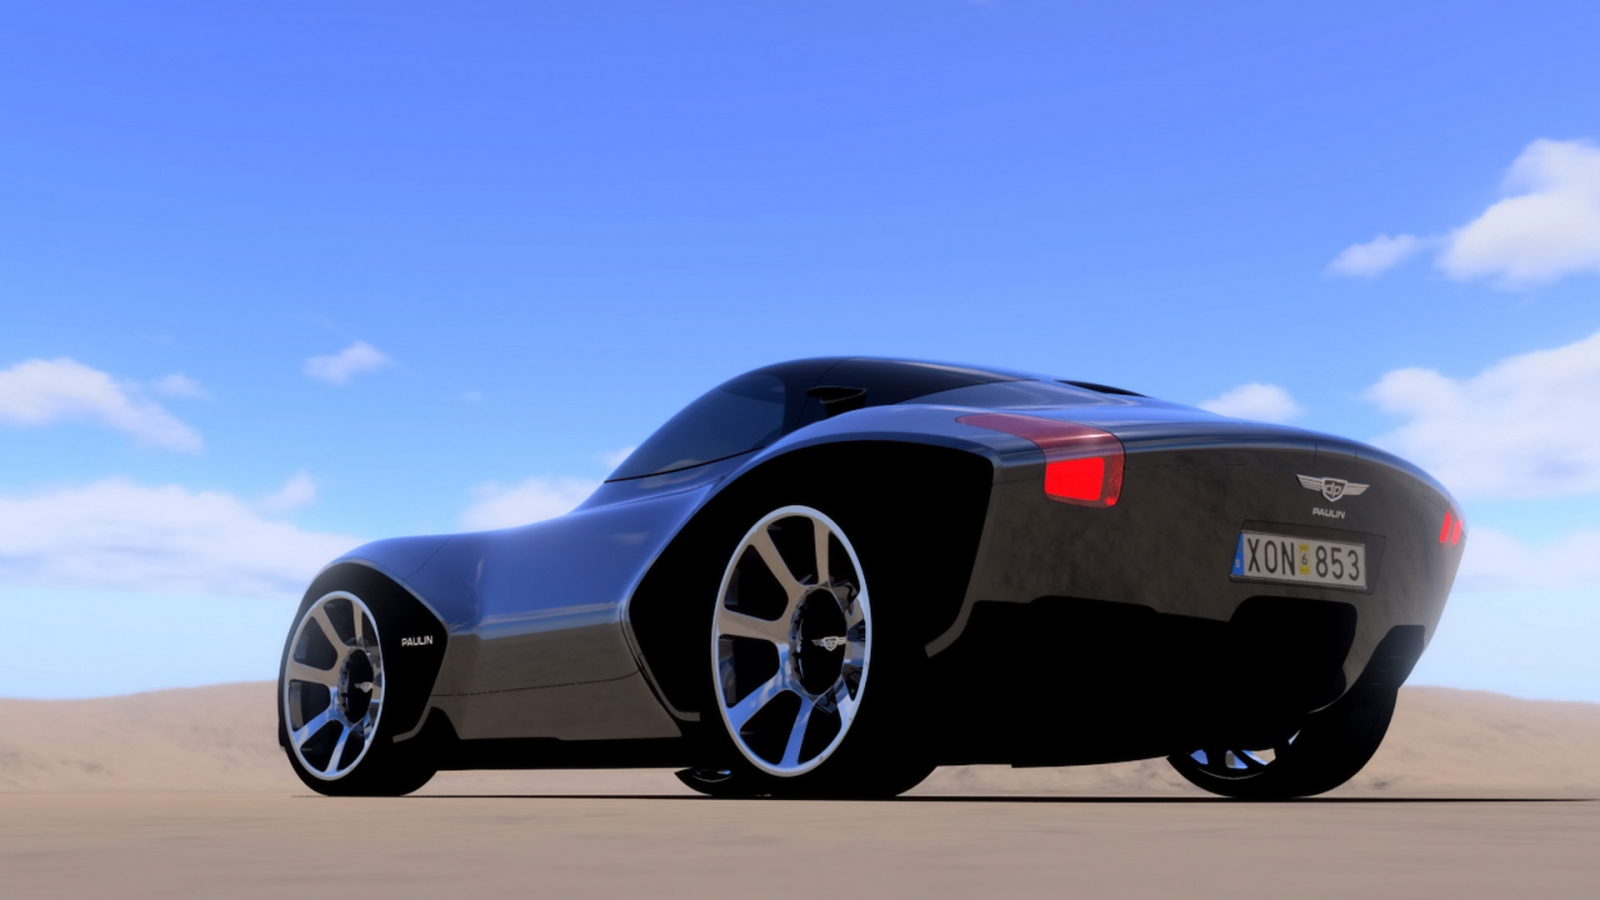 Fondos De Vehiculos: Paulin VR Hd 1600x900